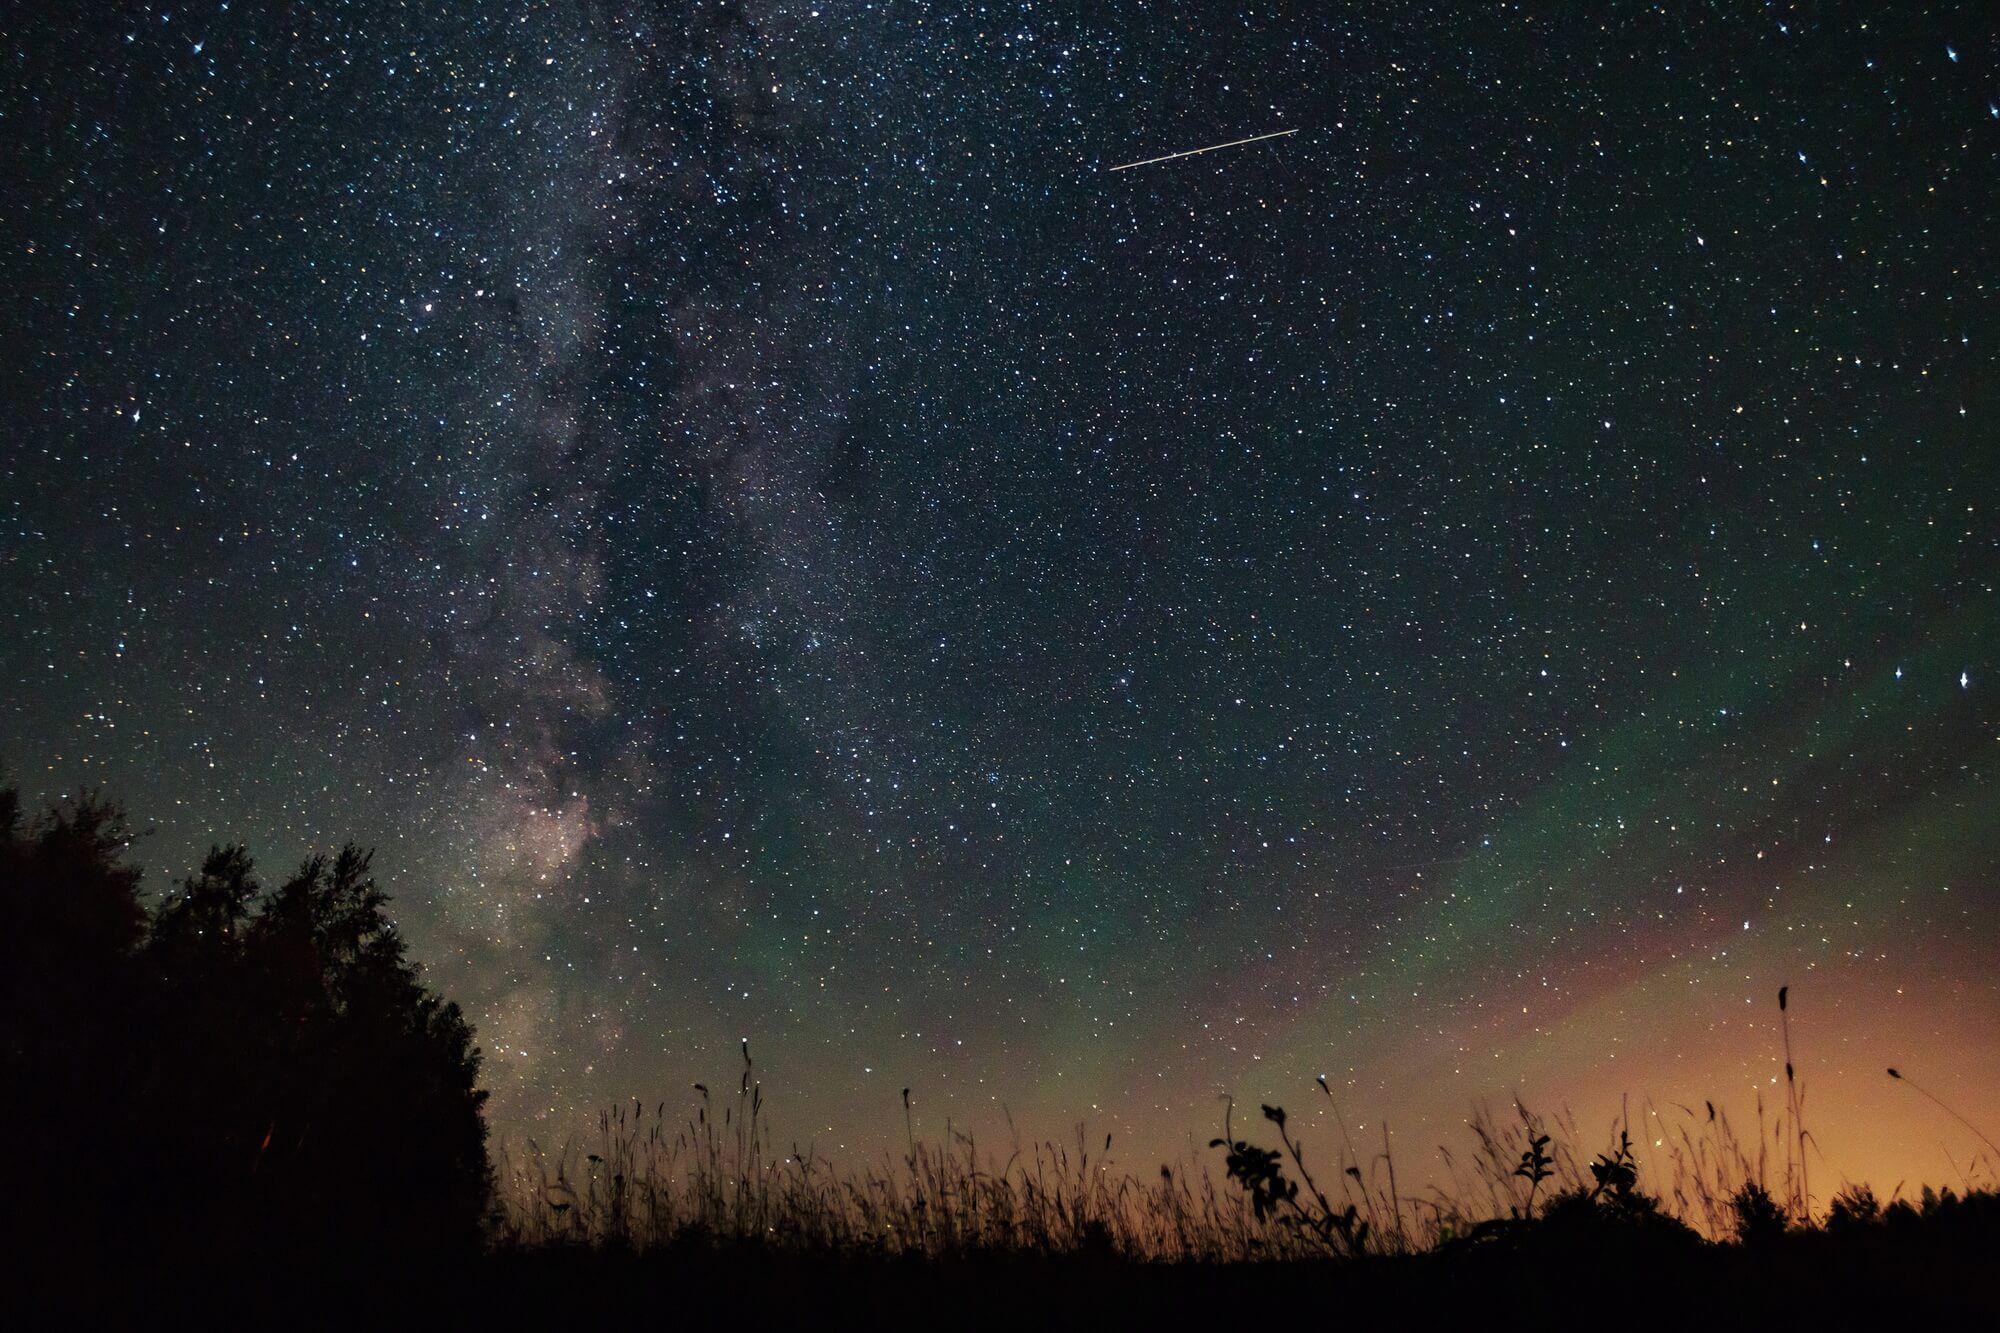 как красивое фото звездопада тогда показалось